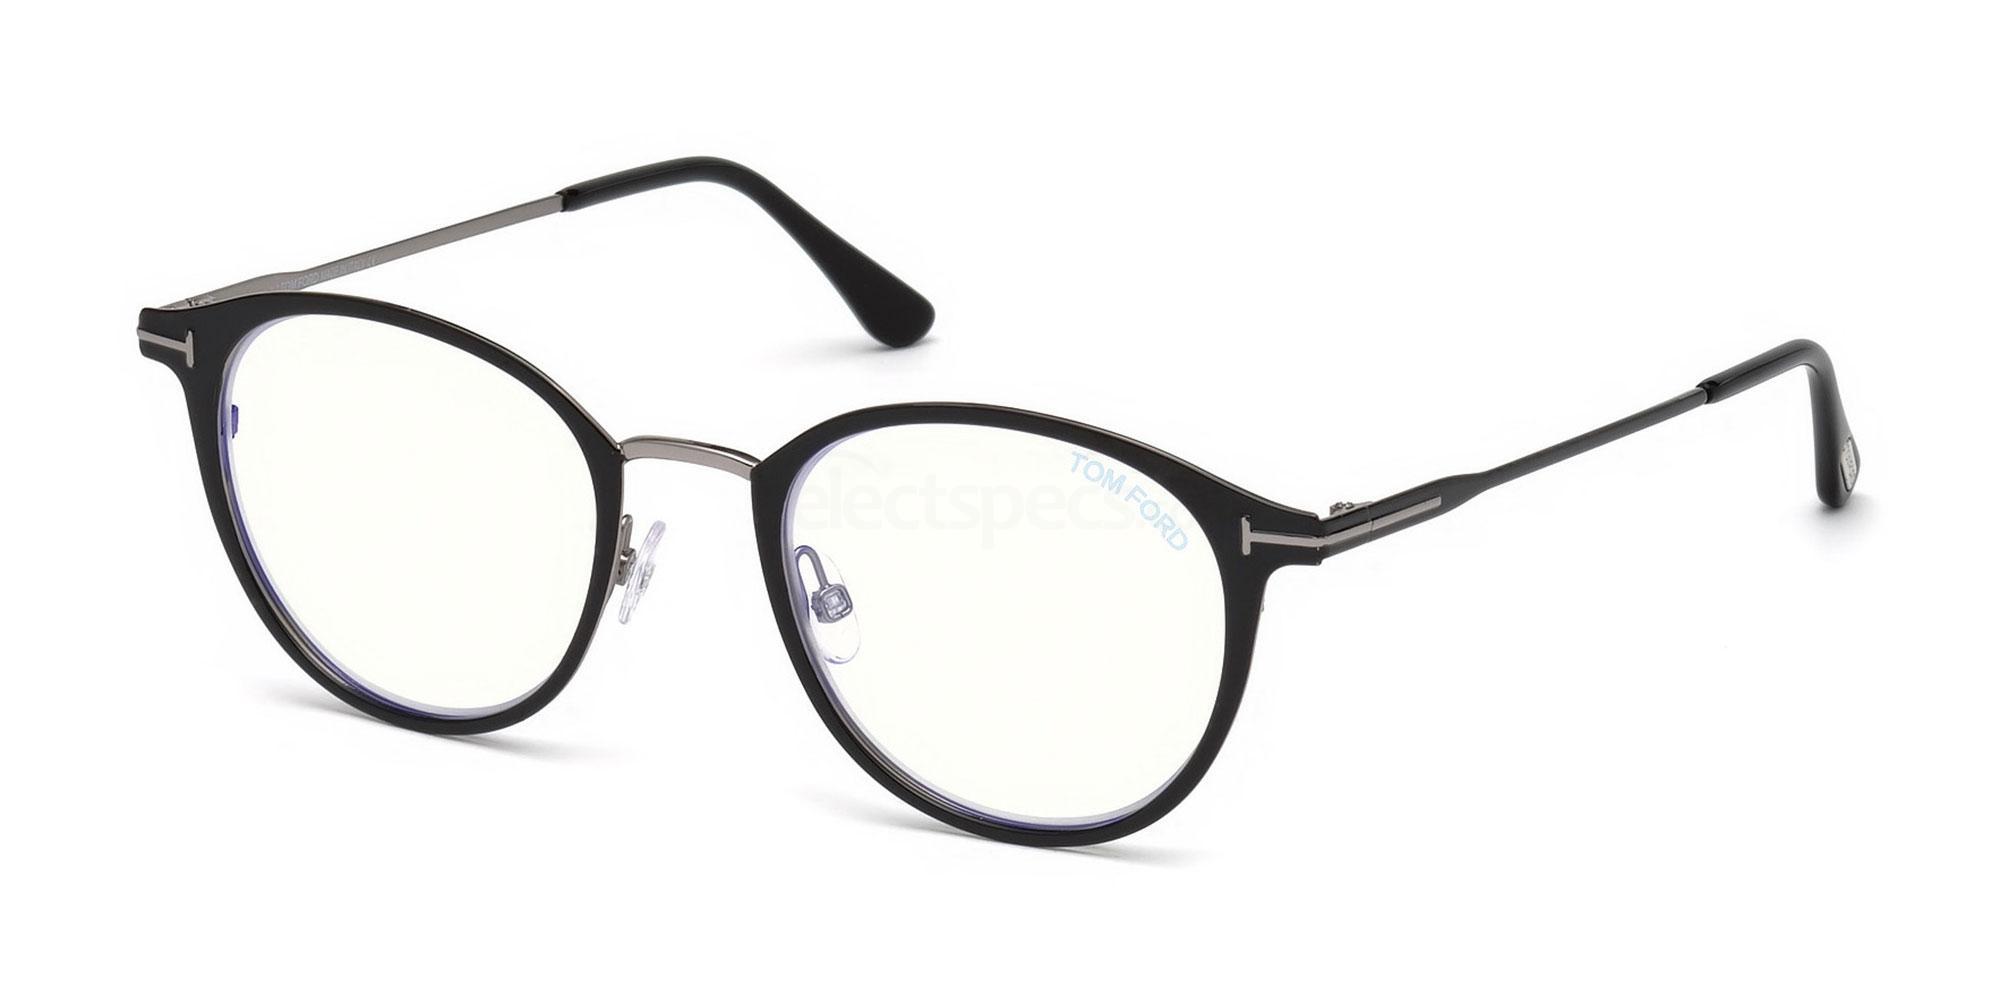 001 FT5528-B Glasses, Tom Ford